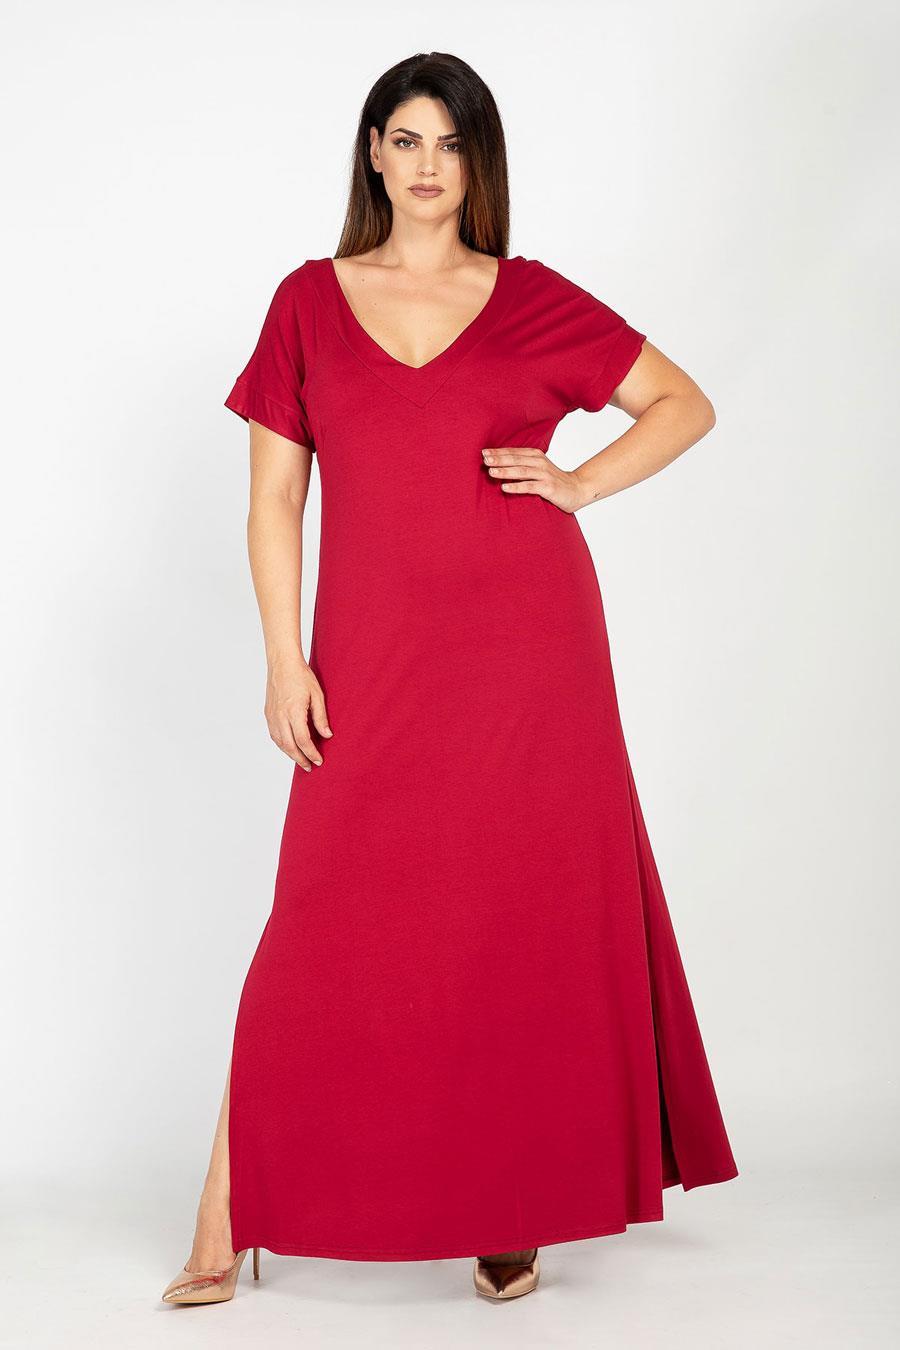 c17db57f8 vestidos moda primavera verano 2019 para gorditas maxi rojo. Vestido largo  en color rojo